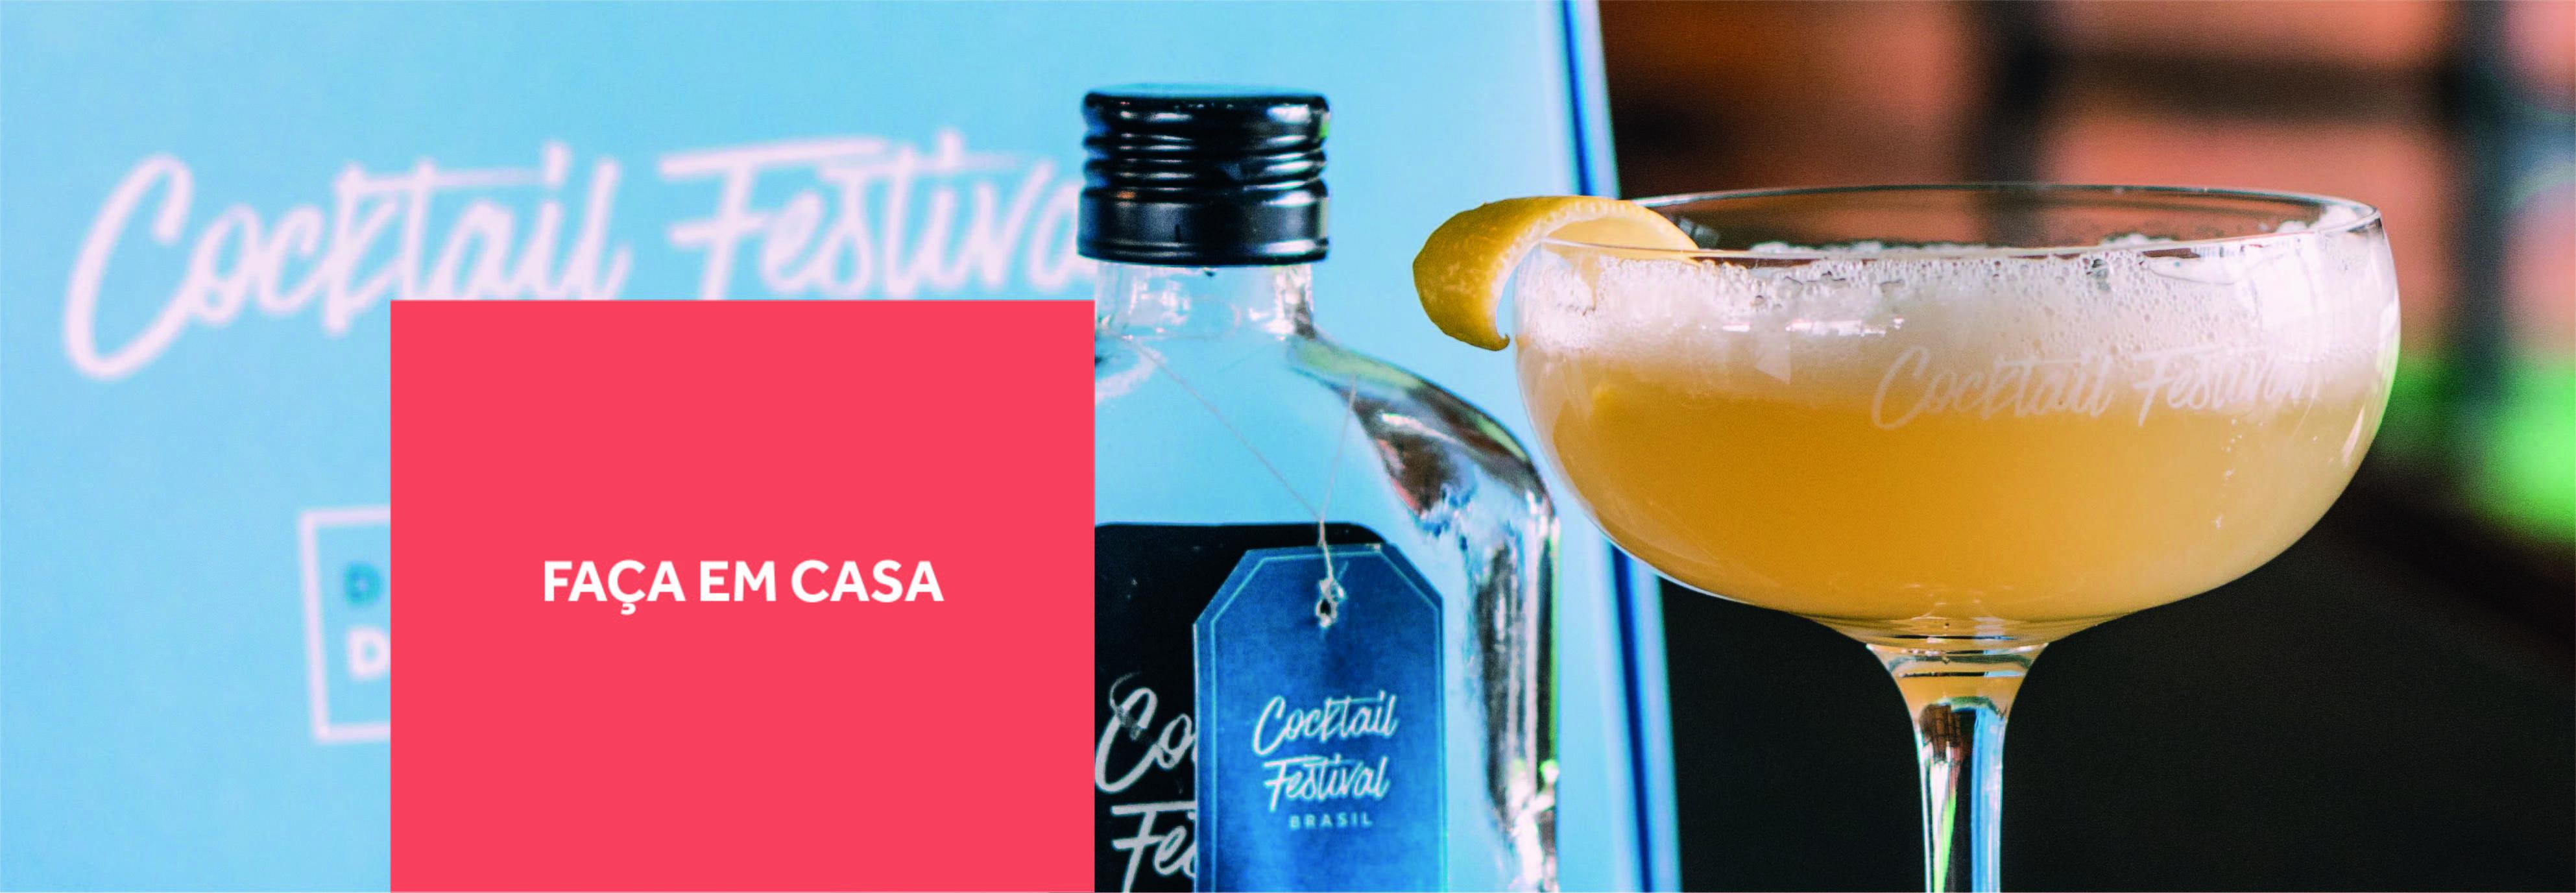 Cocktail Festival - Faça em casa